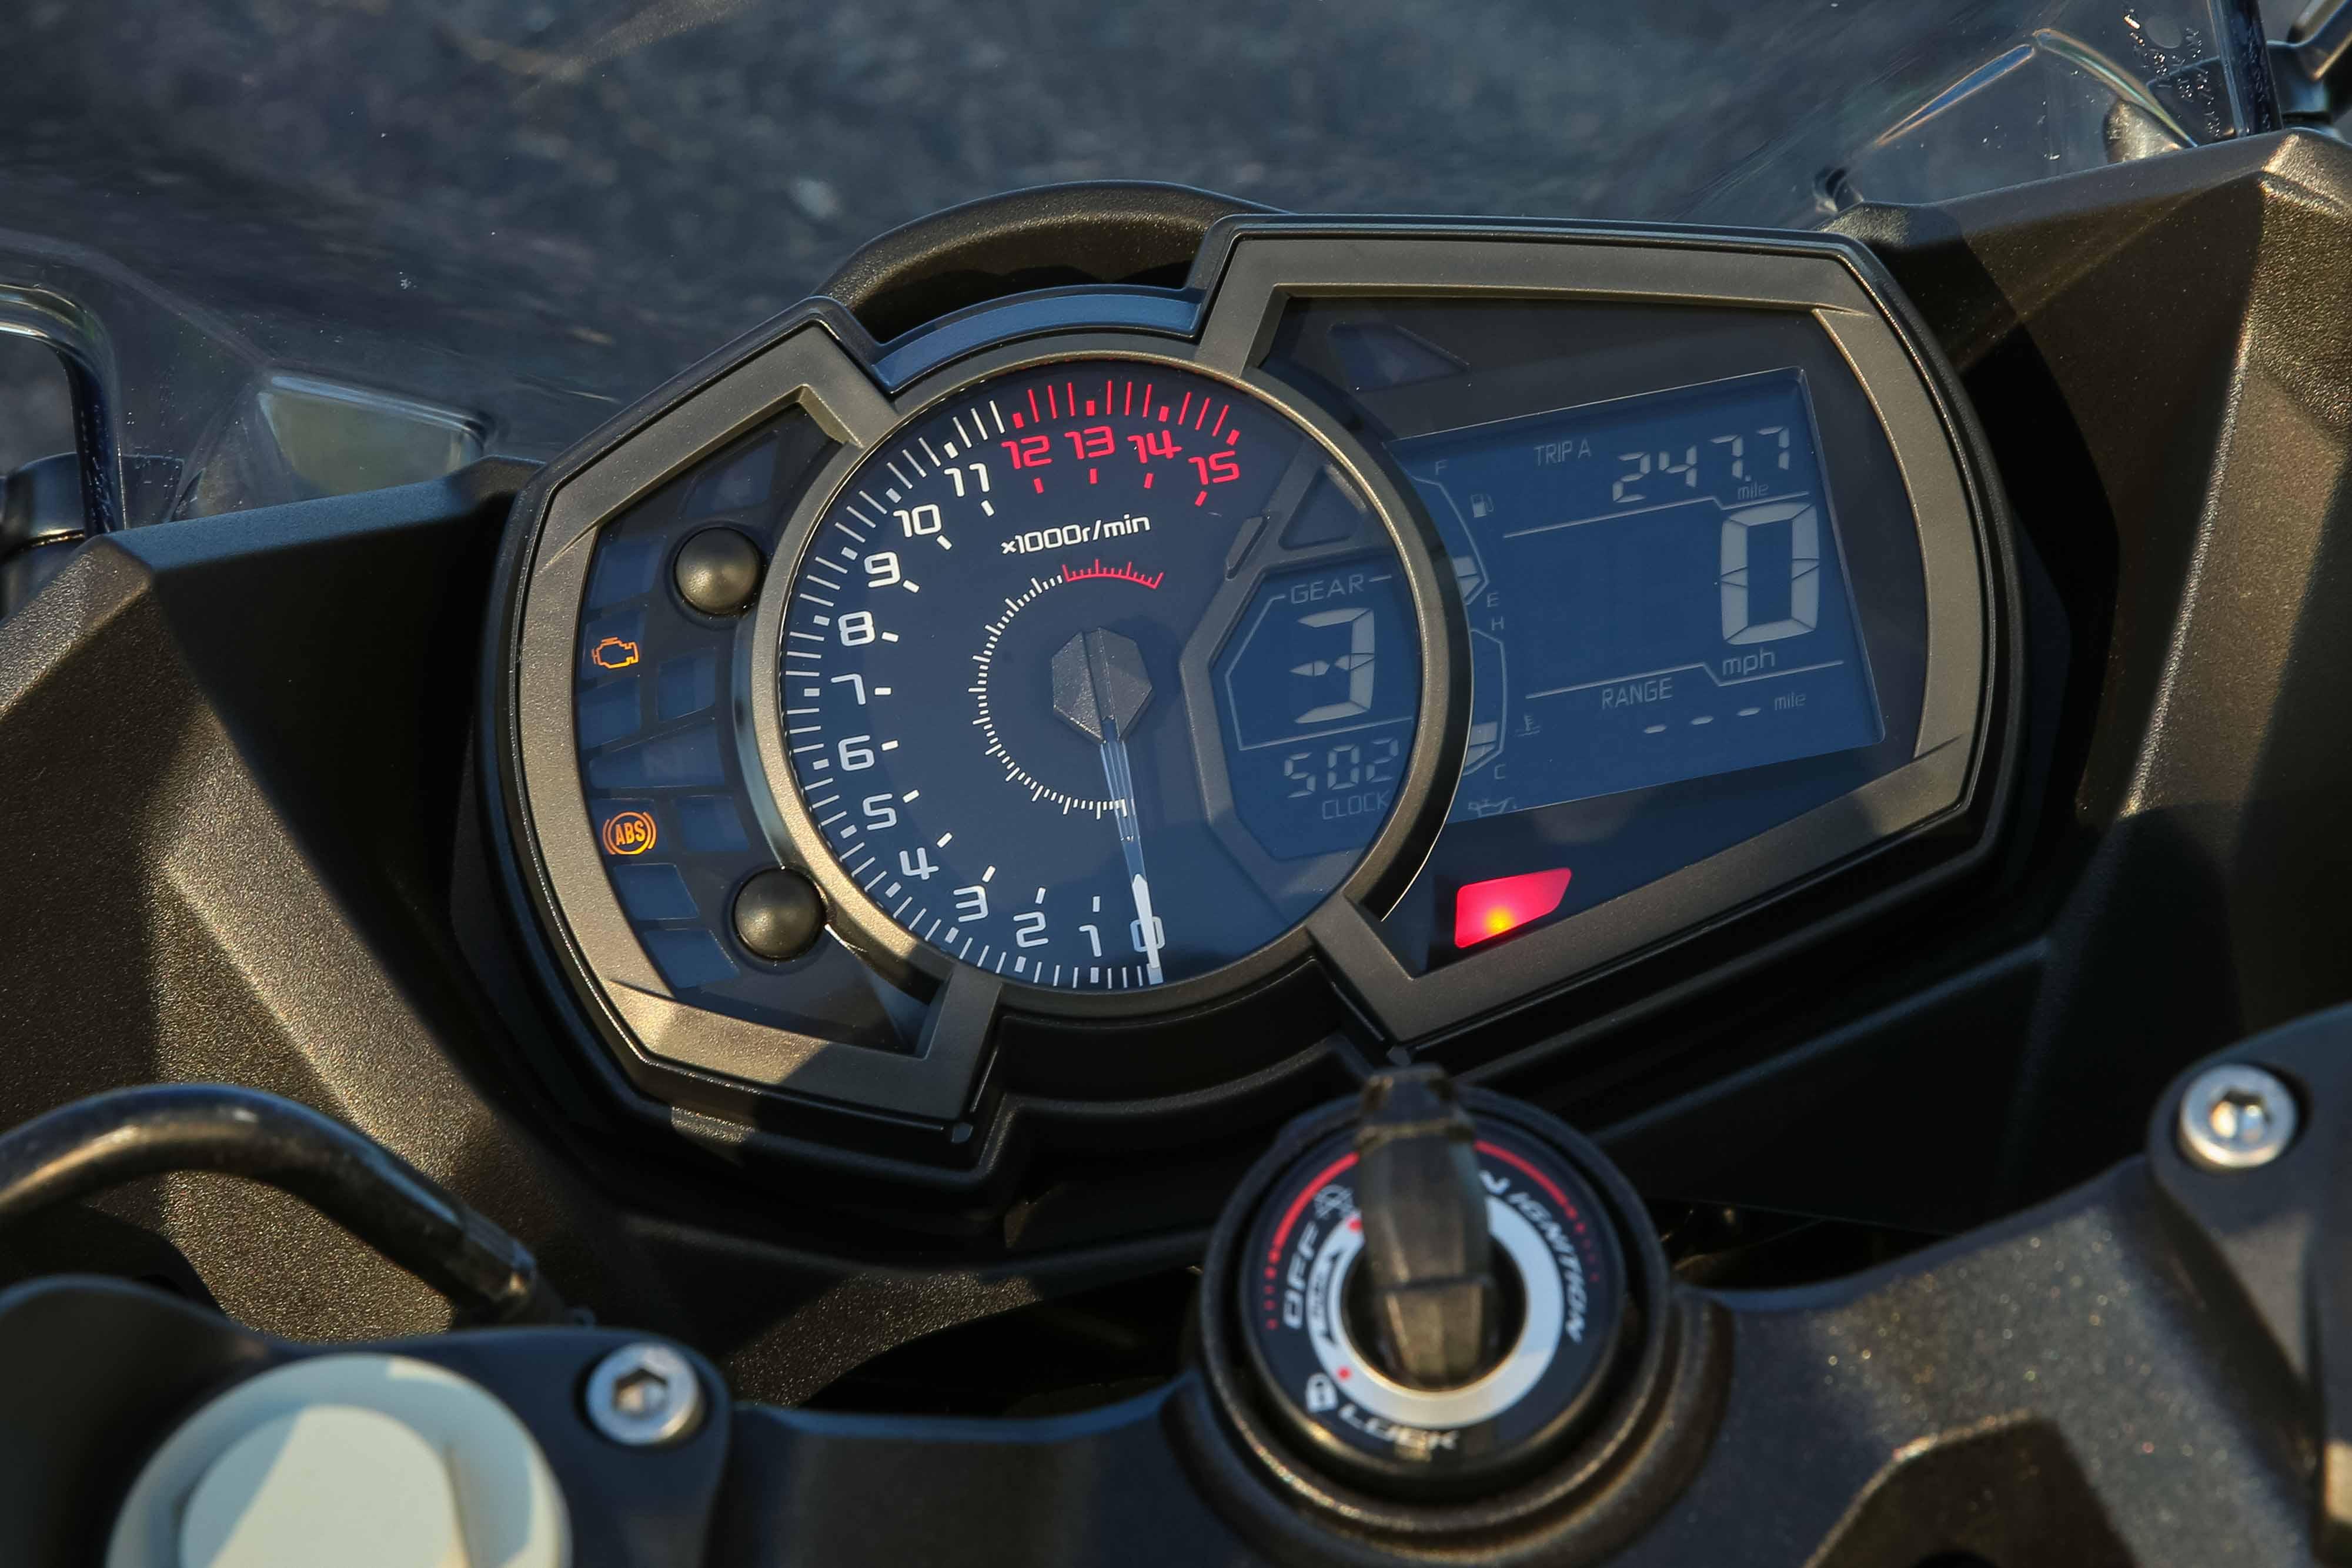 2018 Kawasaki Ninja 400 First Ride Review Revzilla